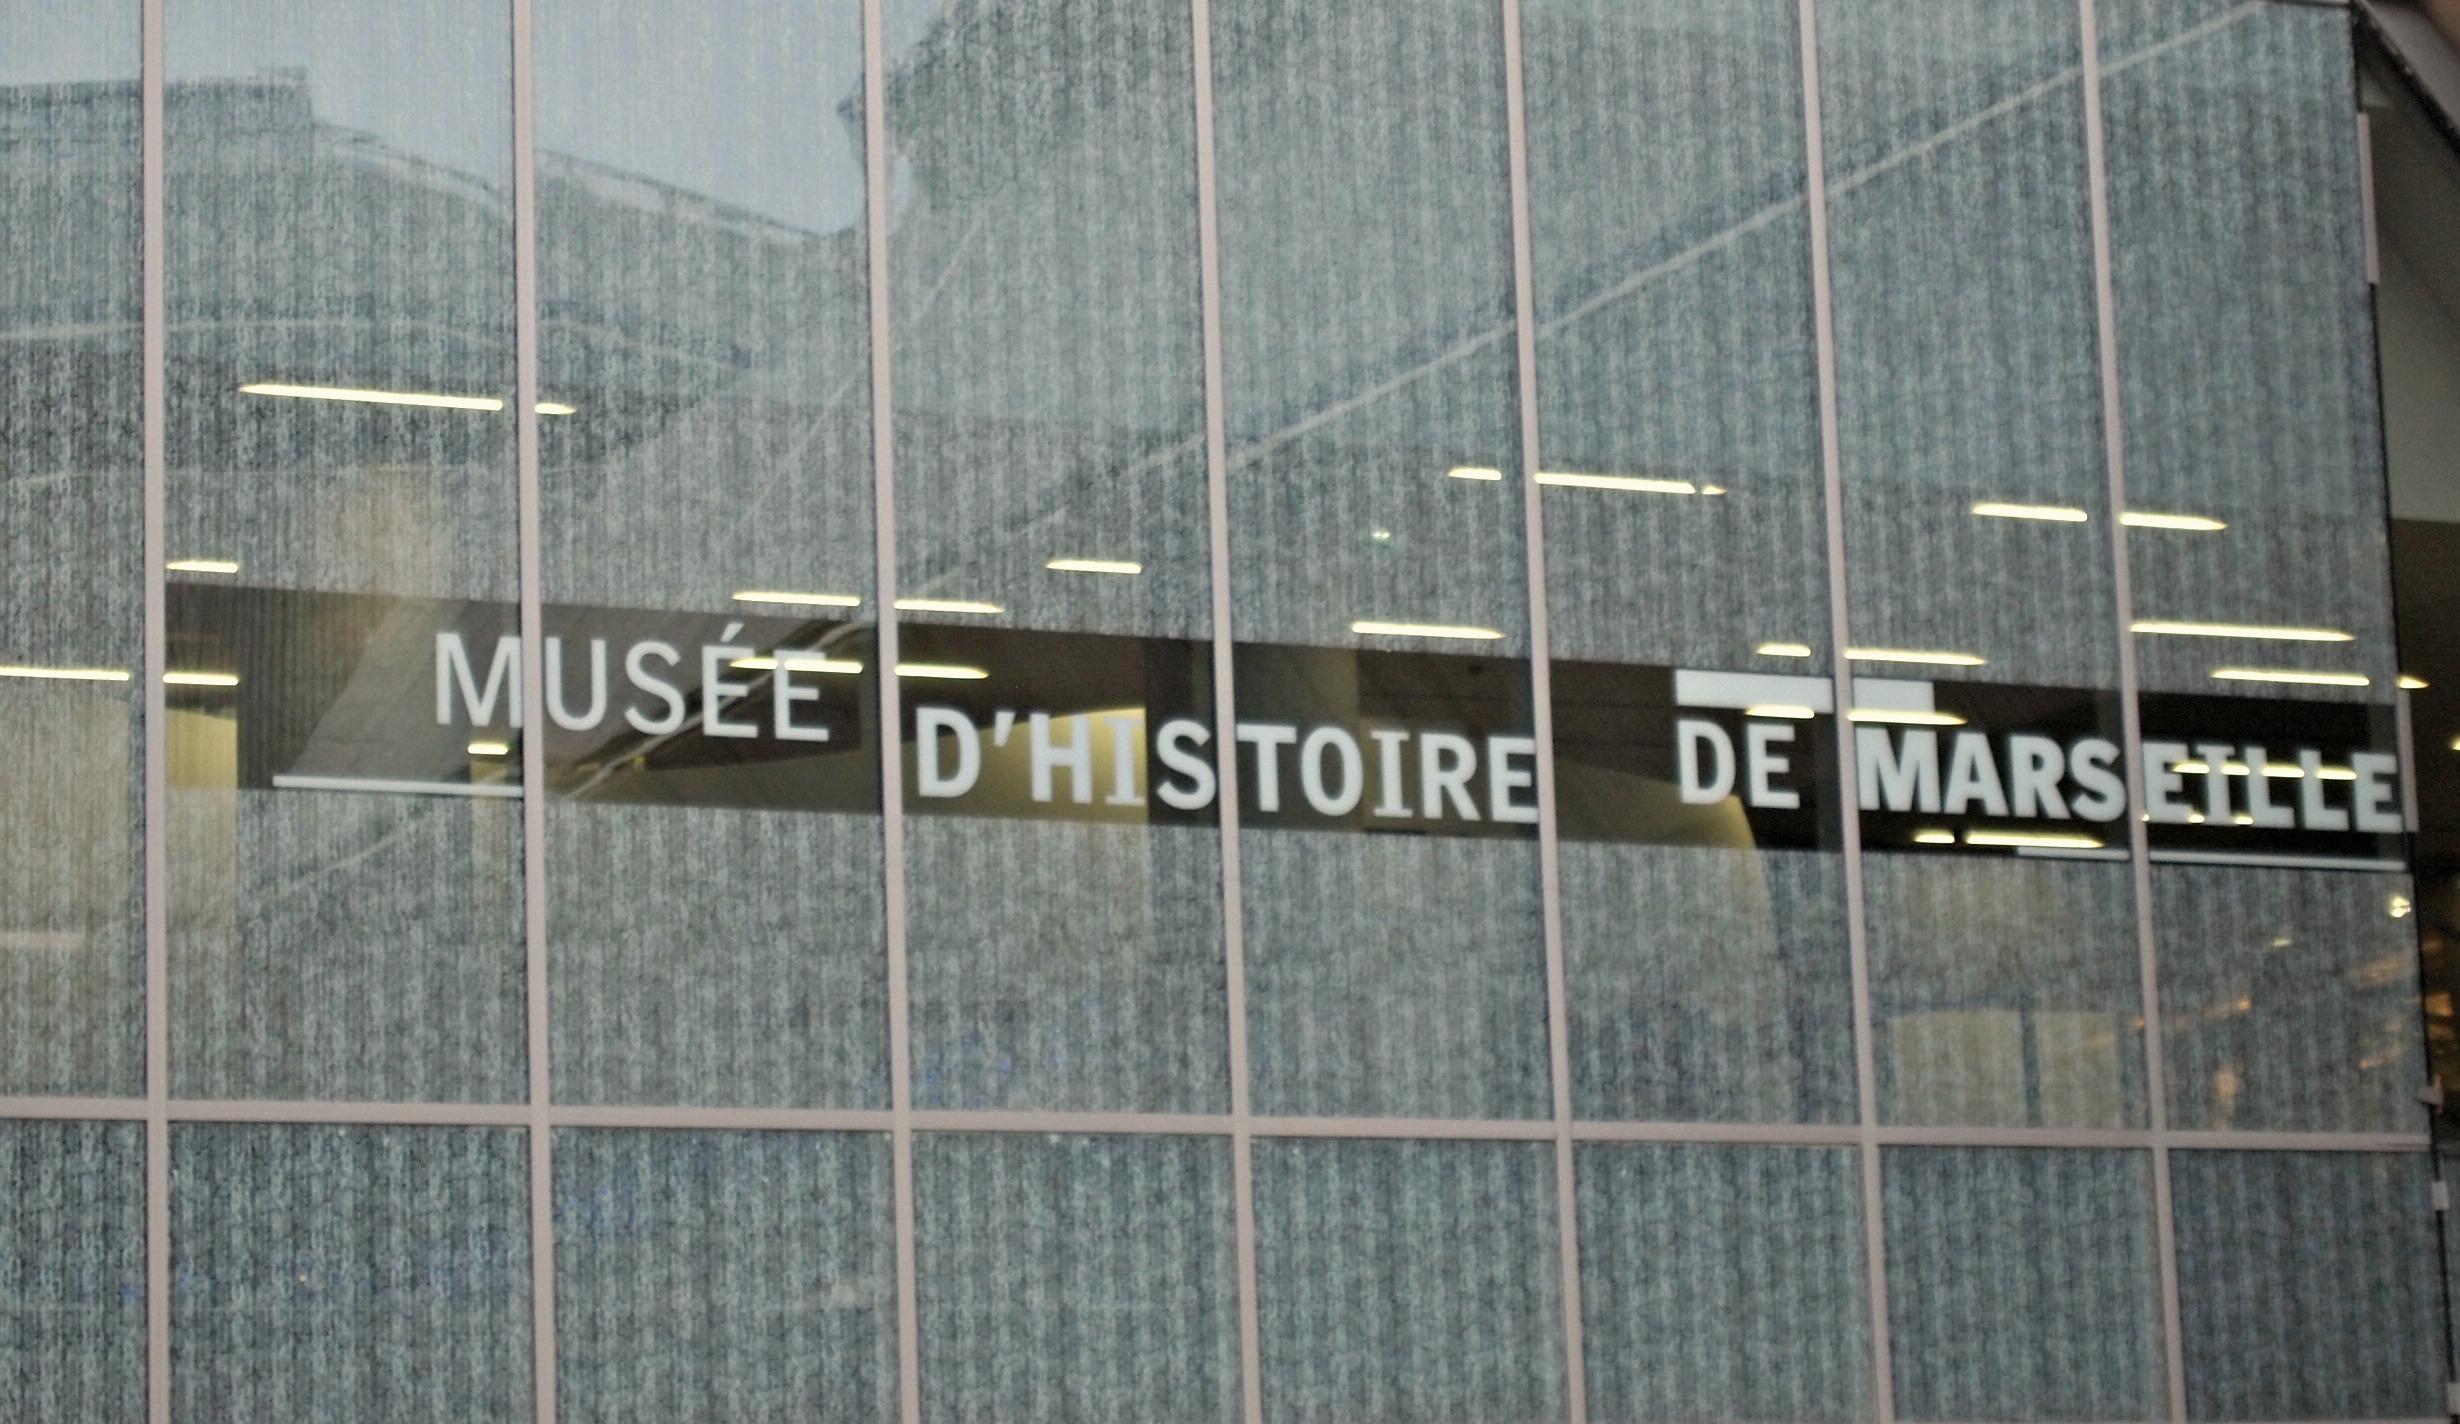 Musée Marseille: Bons Plans Jusqu'À -70% Sur Groupon.fr intérieur Groupon Rideaux Thermiques